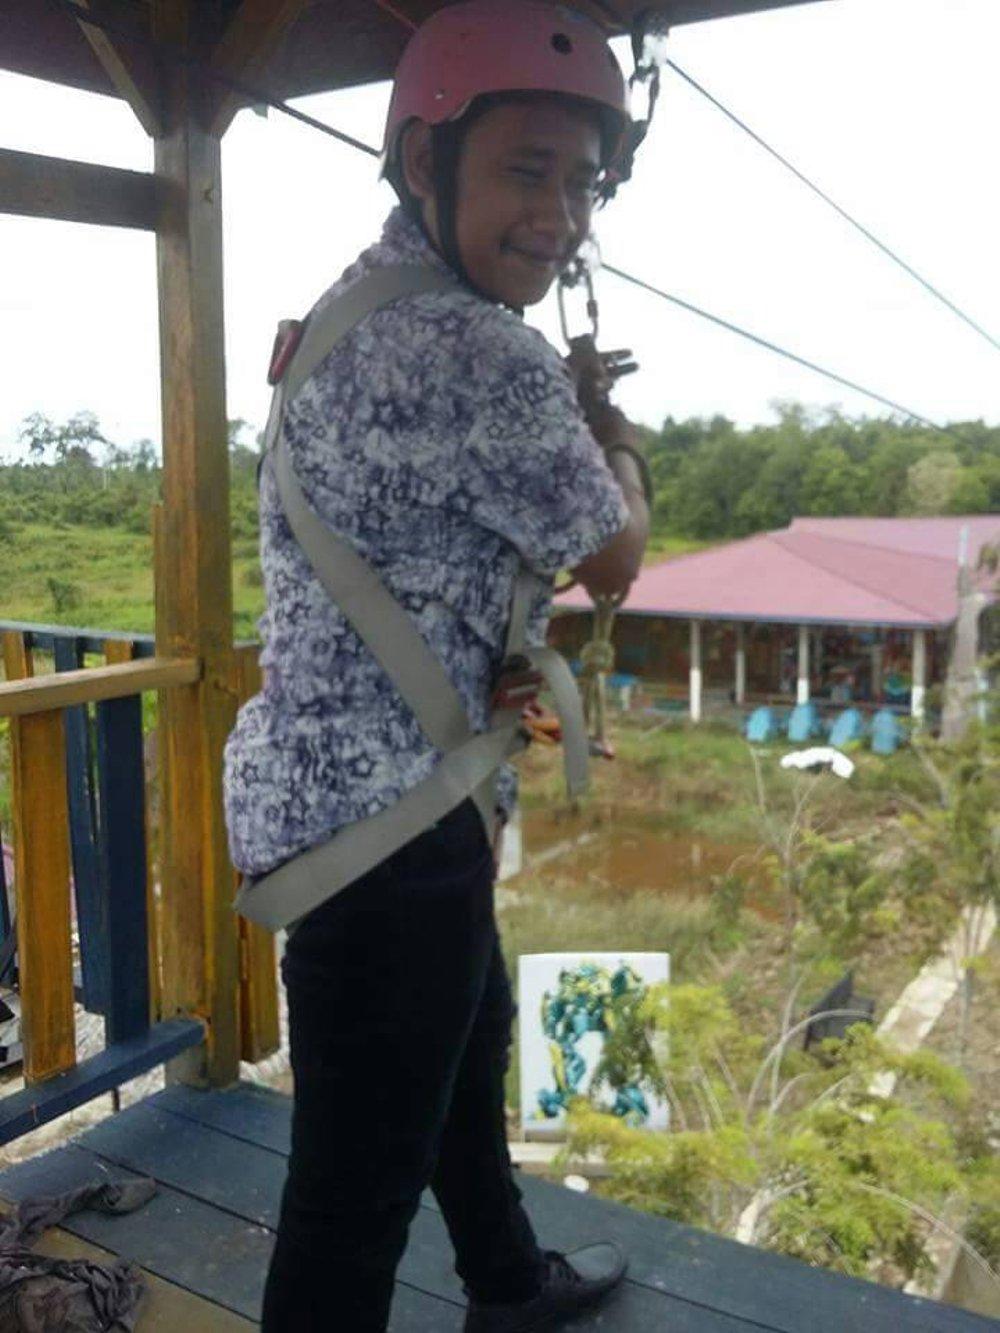 Jual Wana Wisata Selimau Park Lapak Anak Kalimantan Newstara Taman